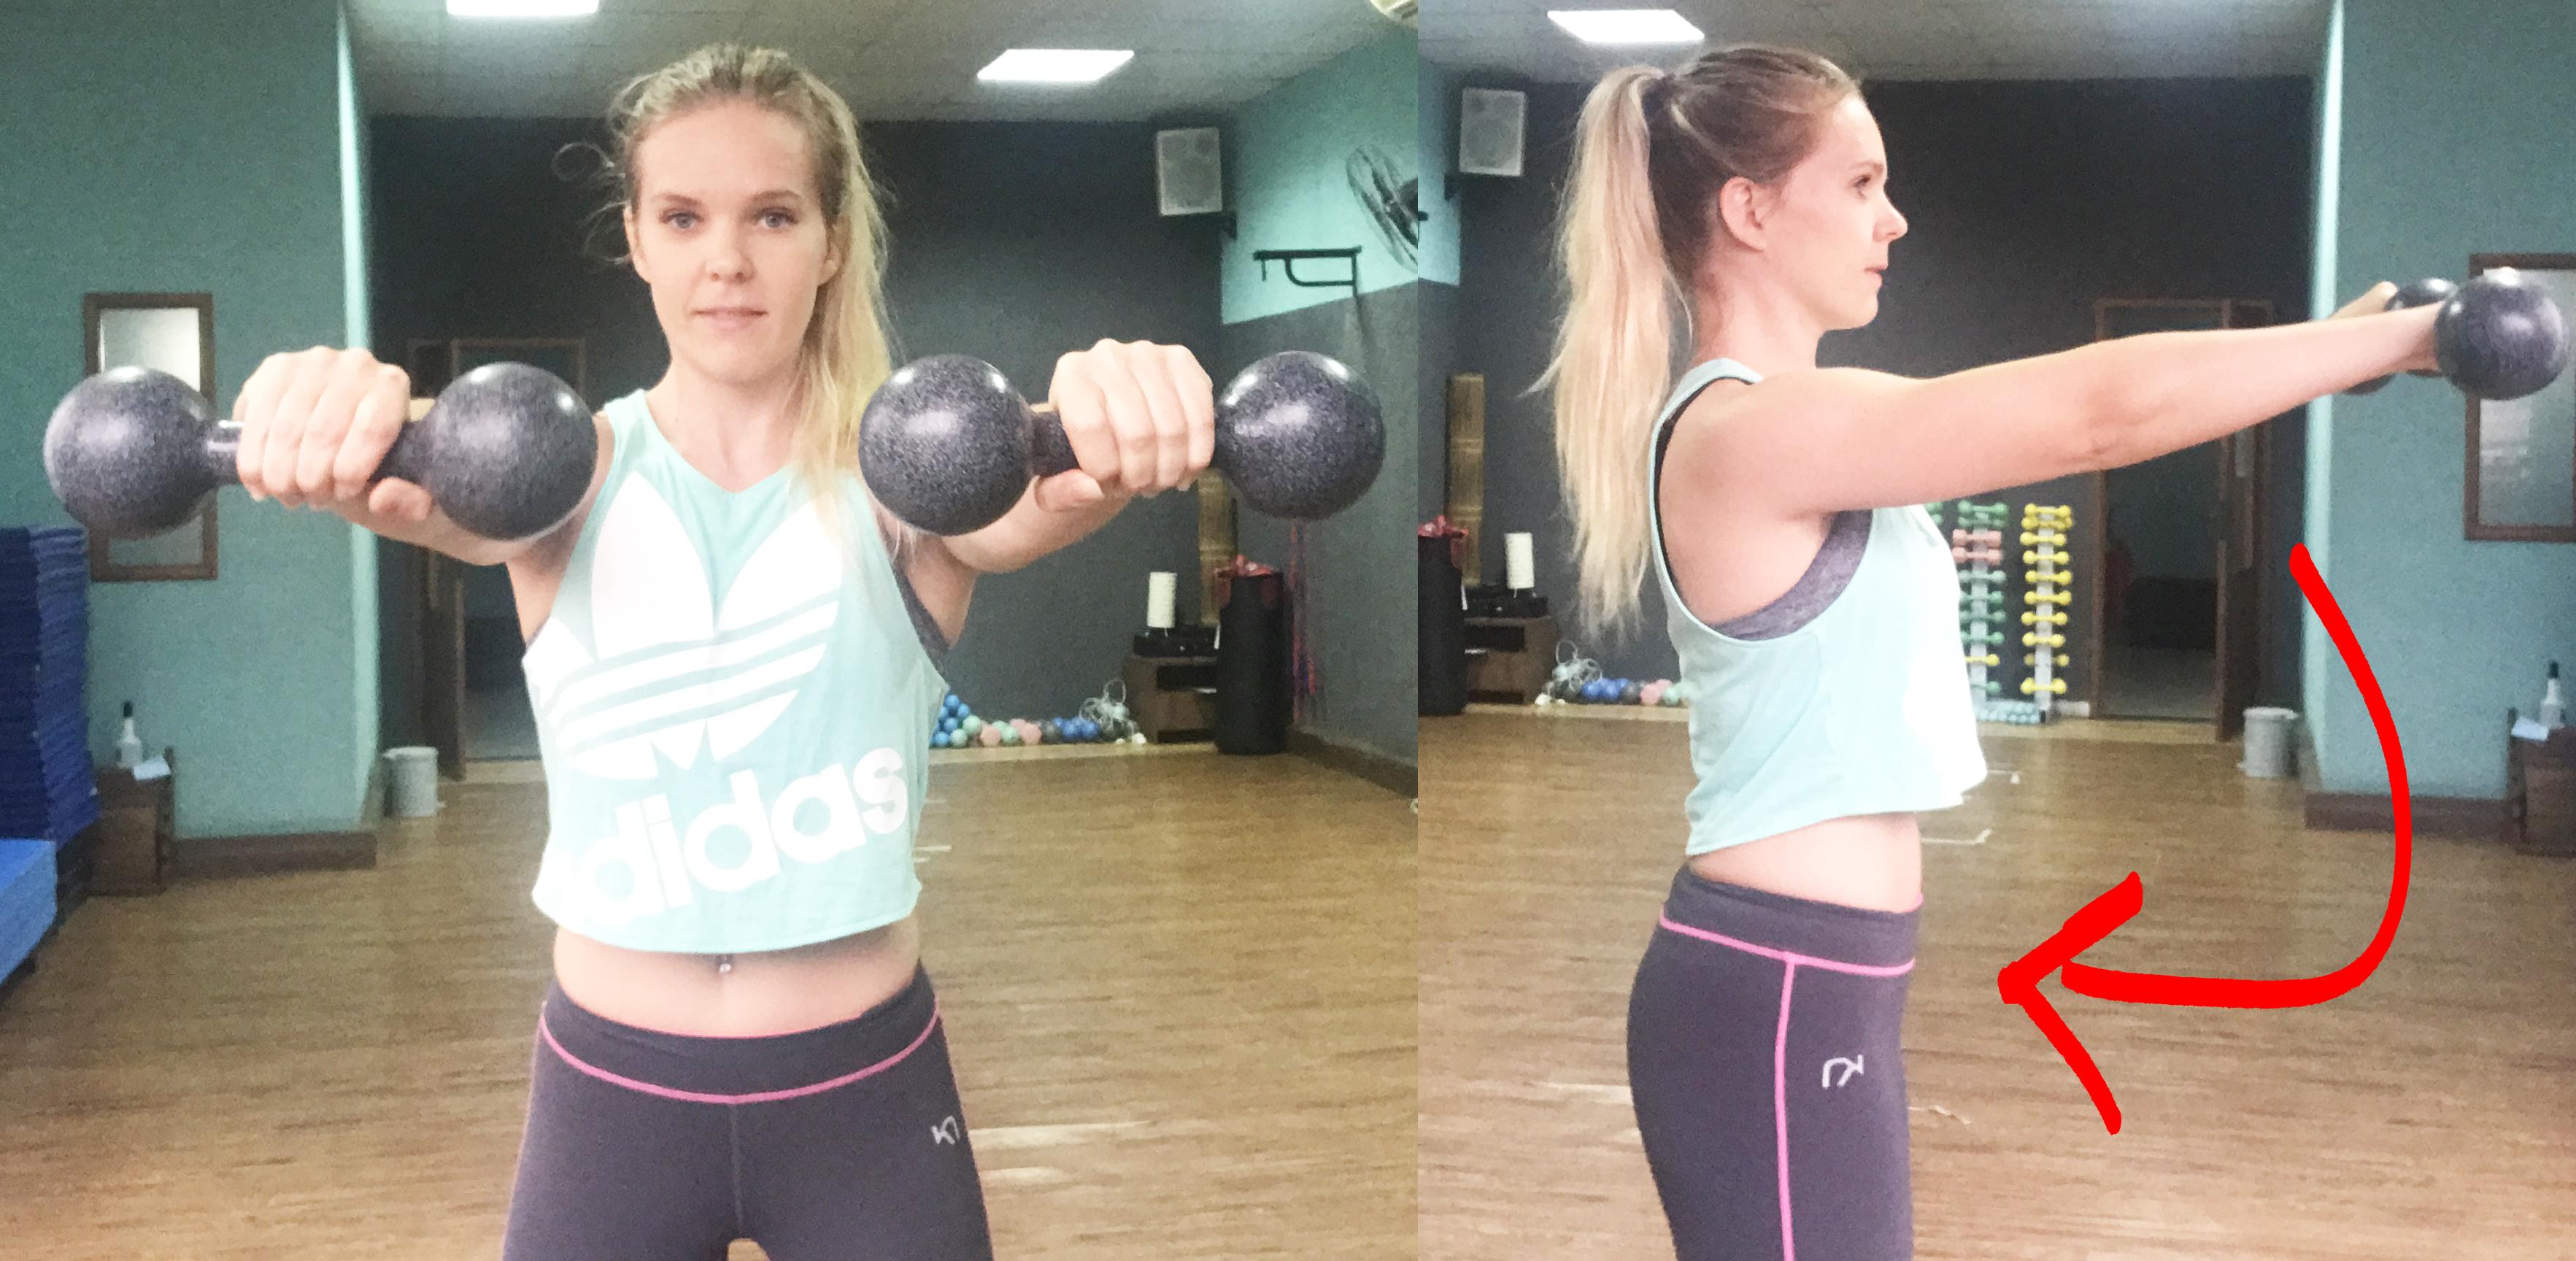 Träna axlar övningar med hantlar axelövningar gymmet hemma